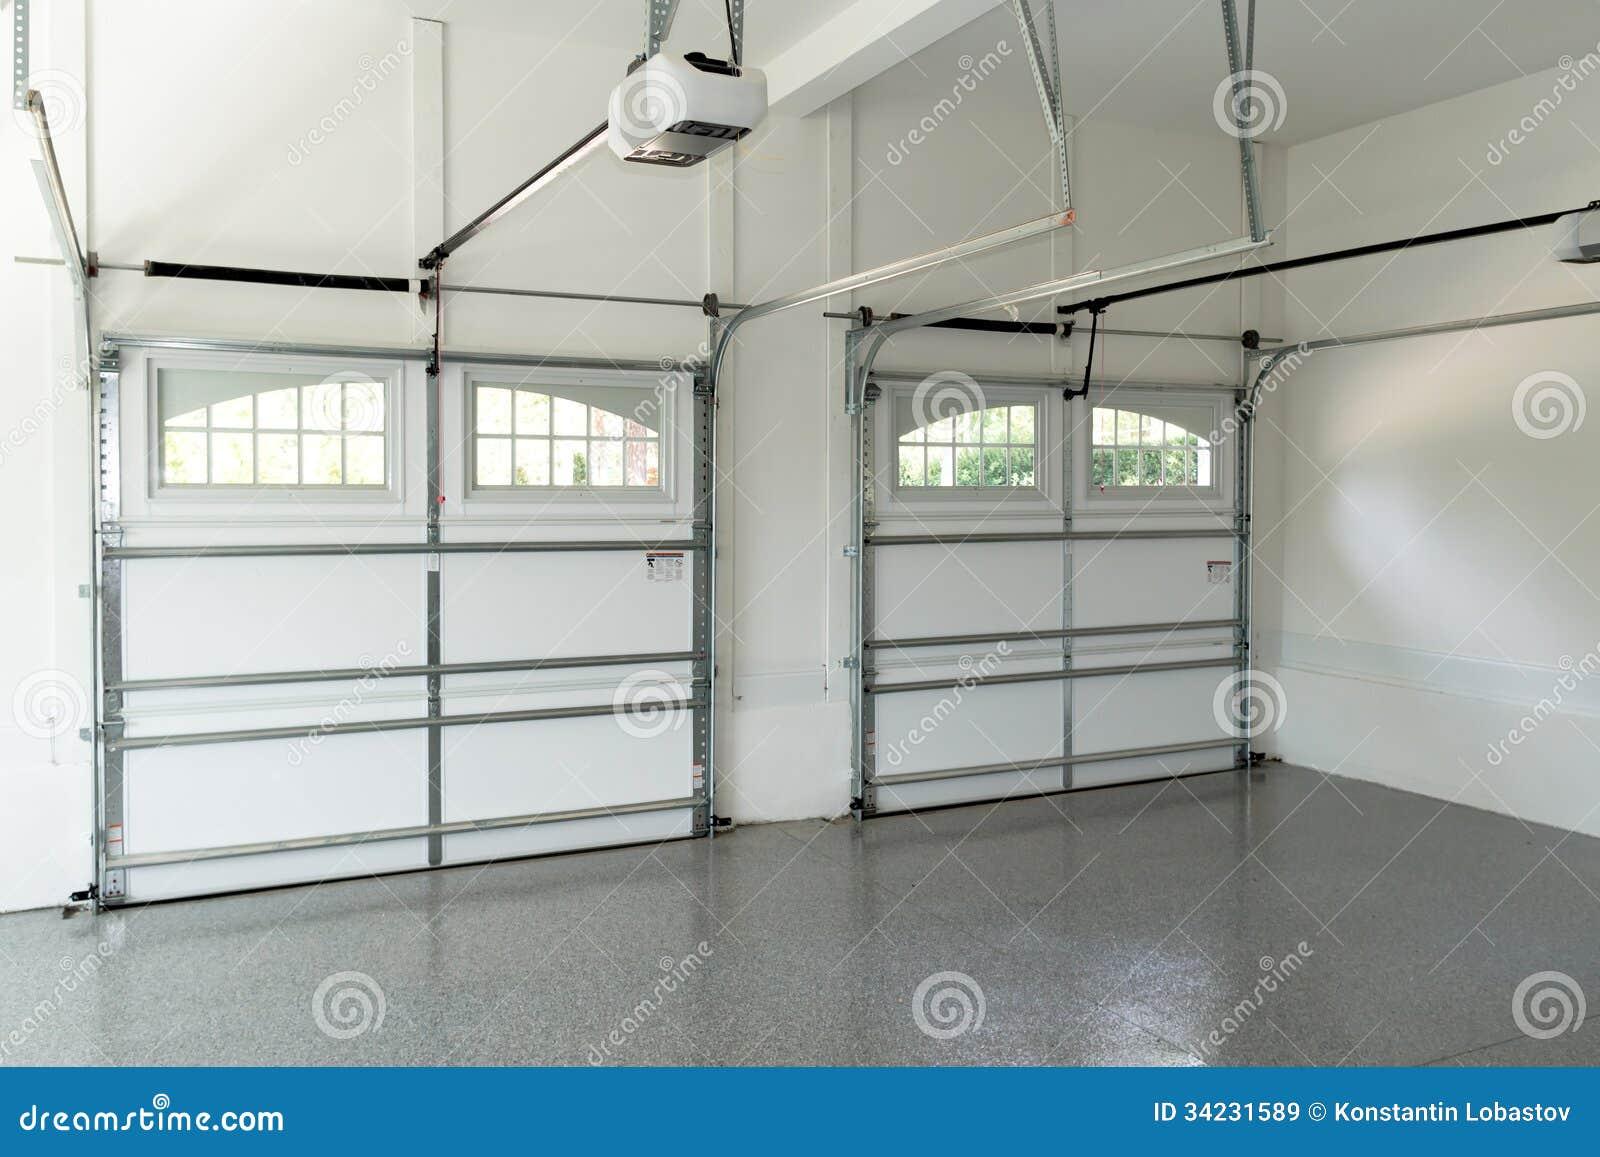 Int 233 Rieur R 233 Sidentiel De Garage De Maison Image Stock